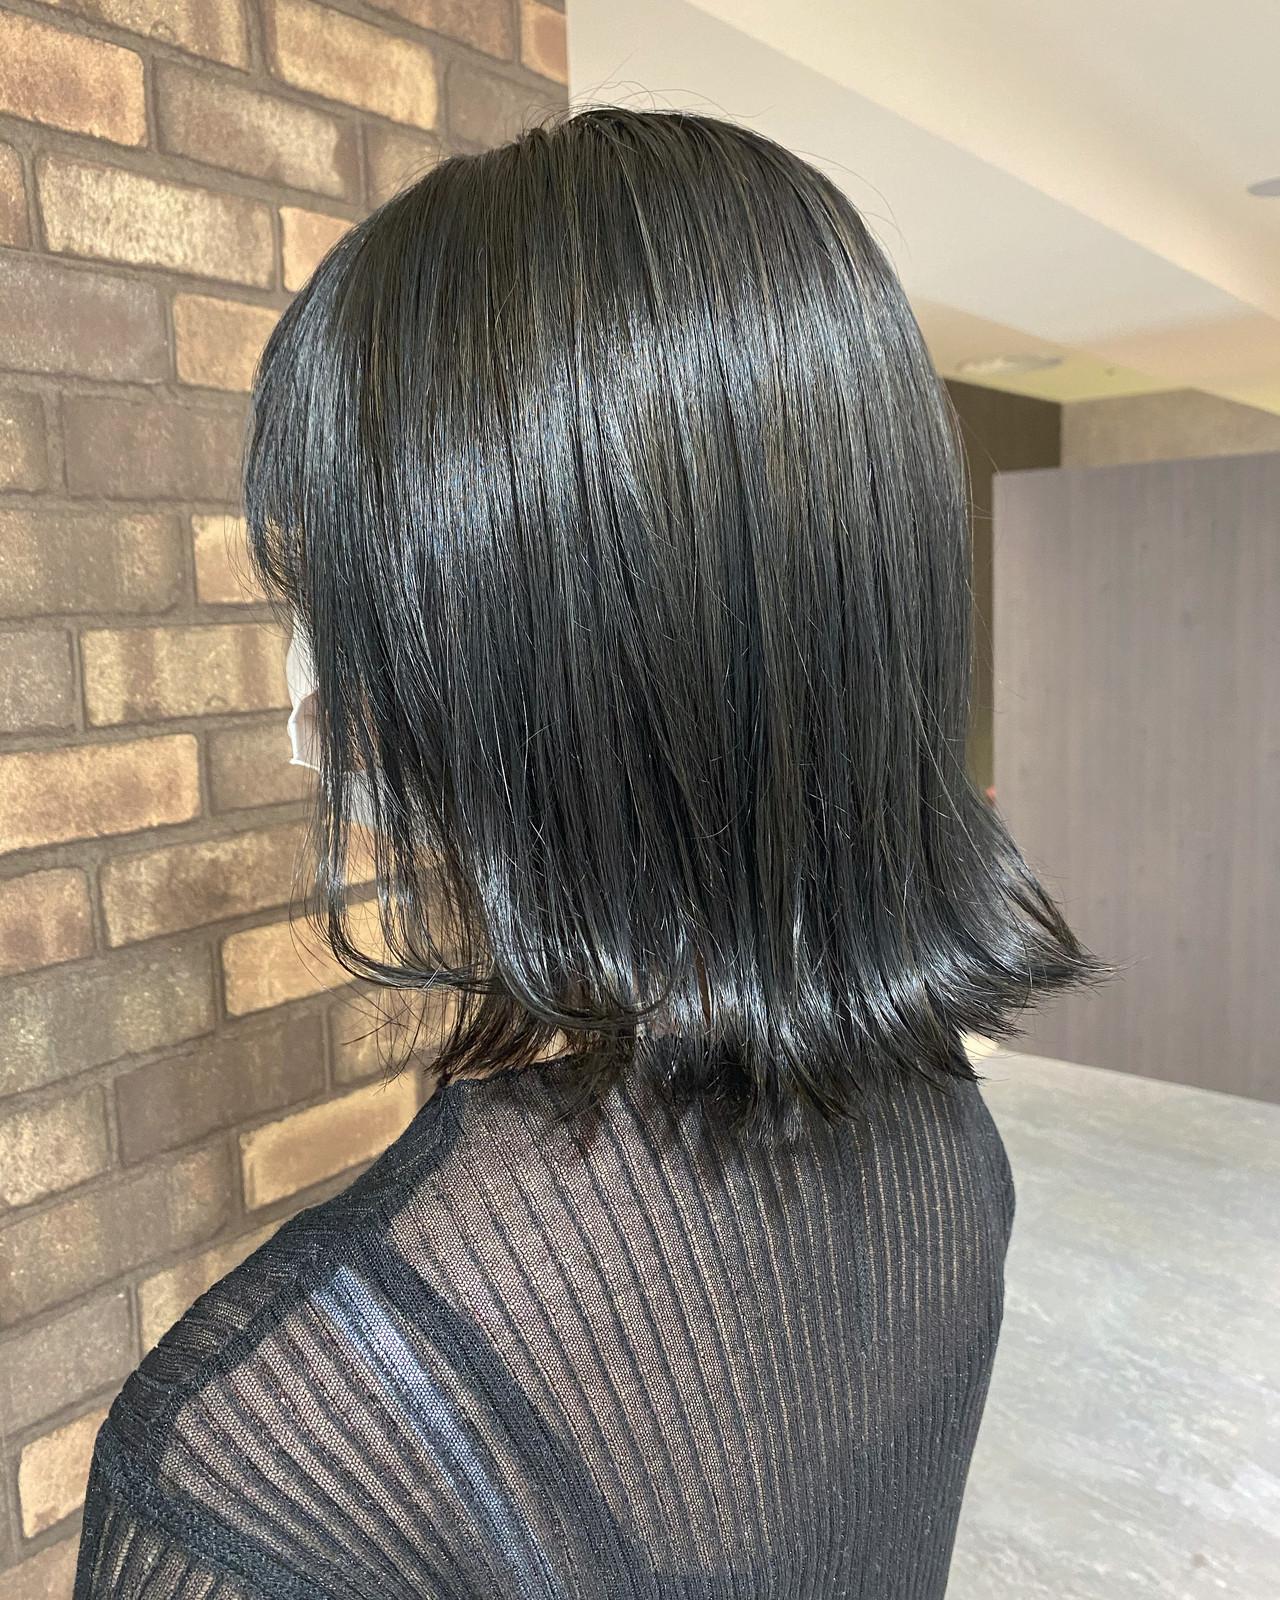 アッシュグレージュ ミディアム ナチュラル イルミナカラー ヘアスタイルや髪型の写真・画像